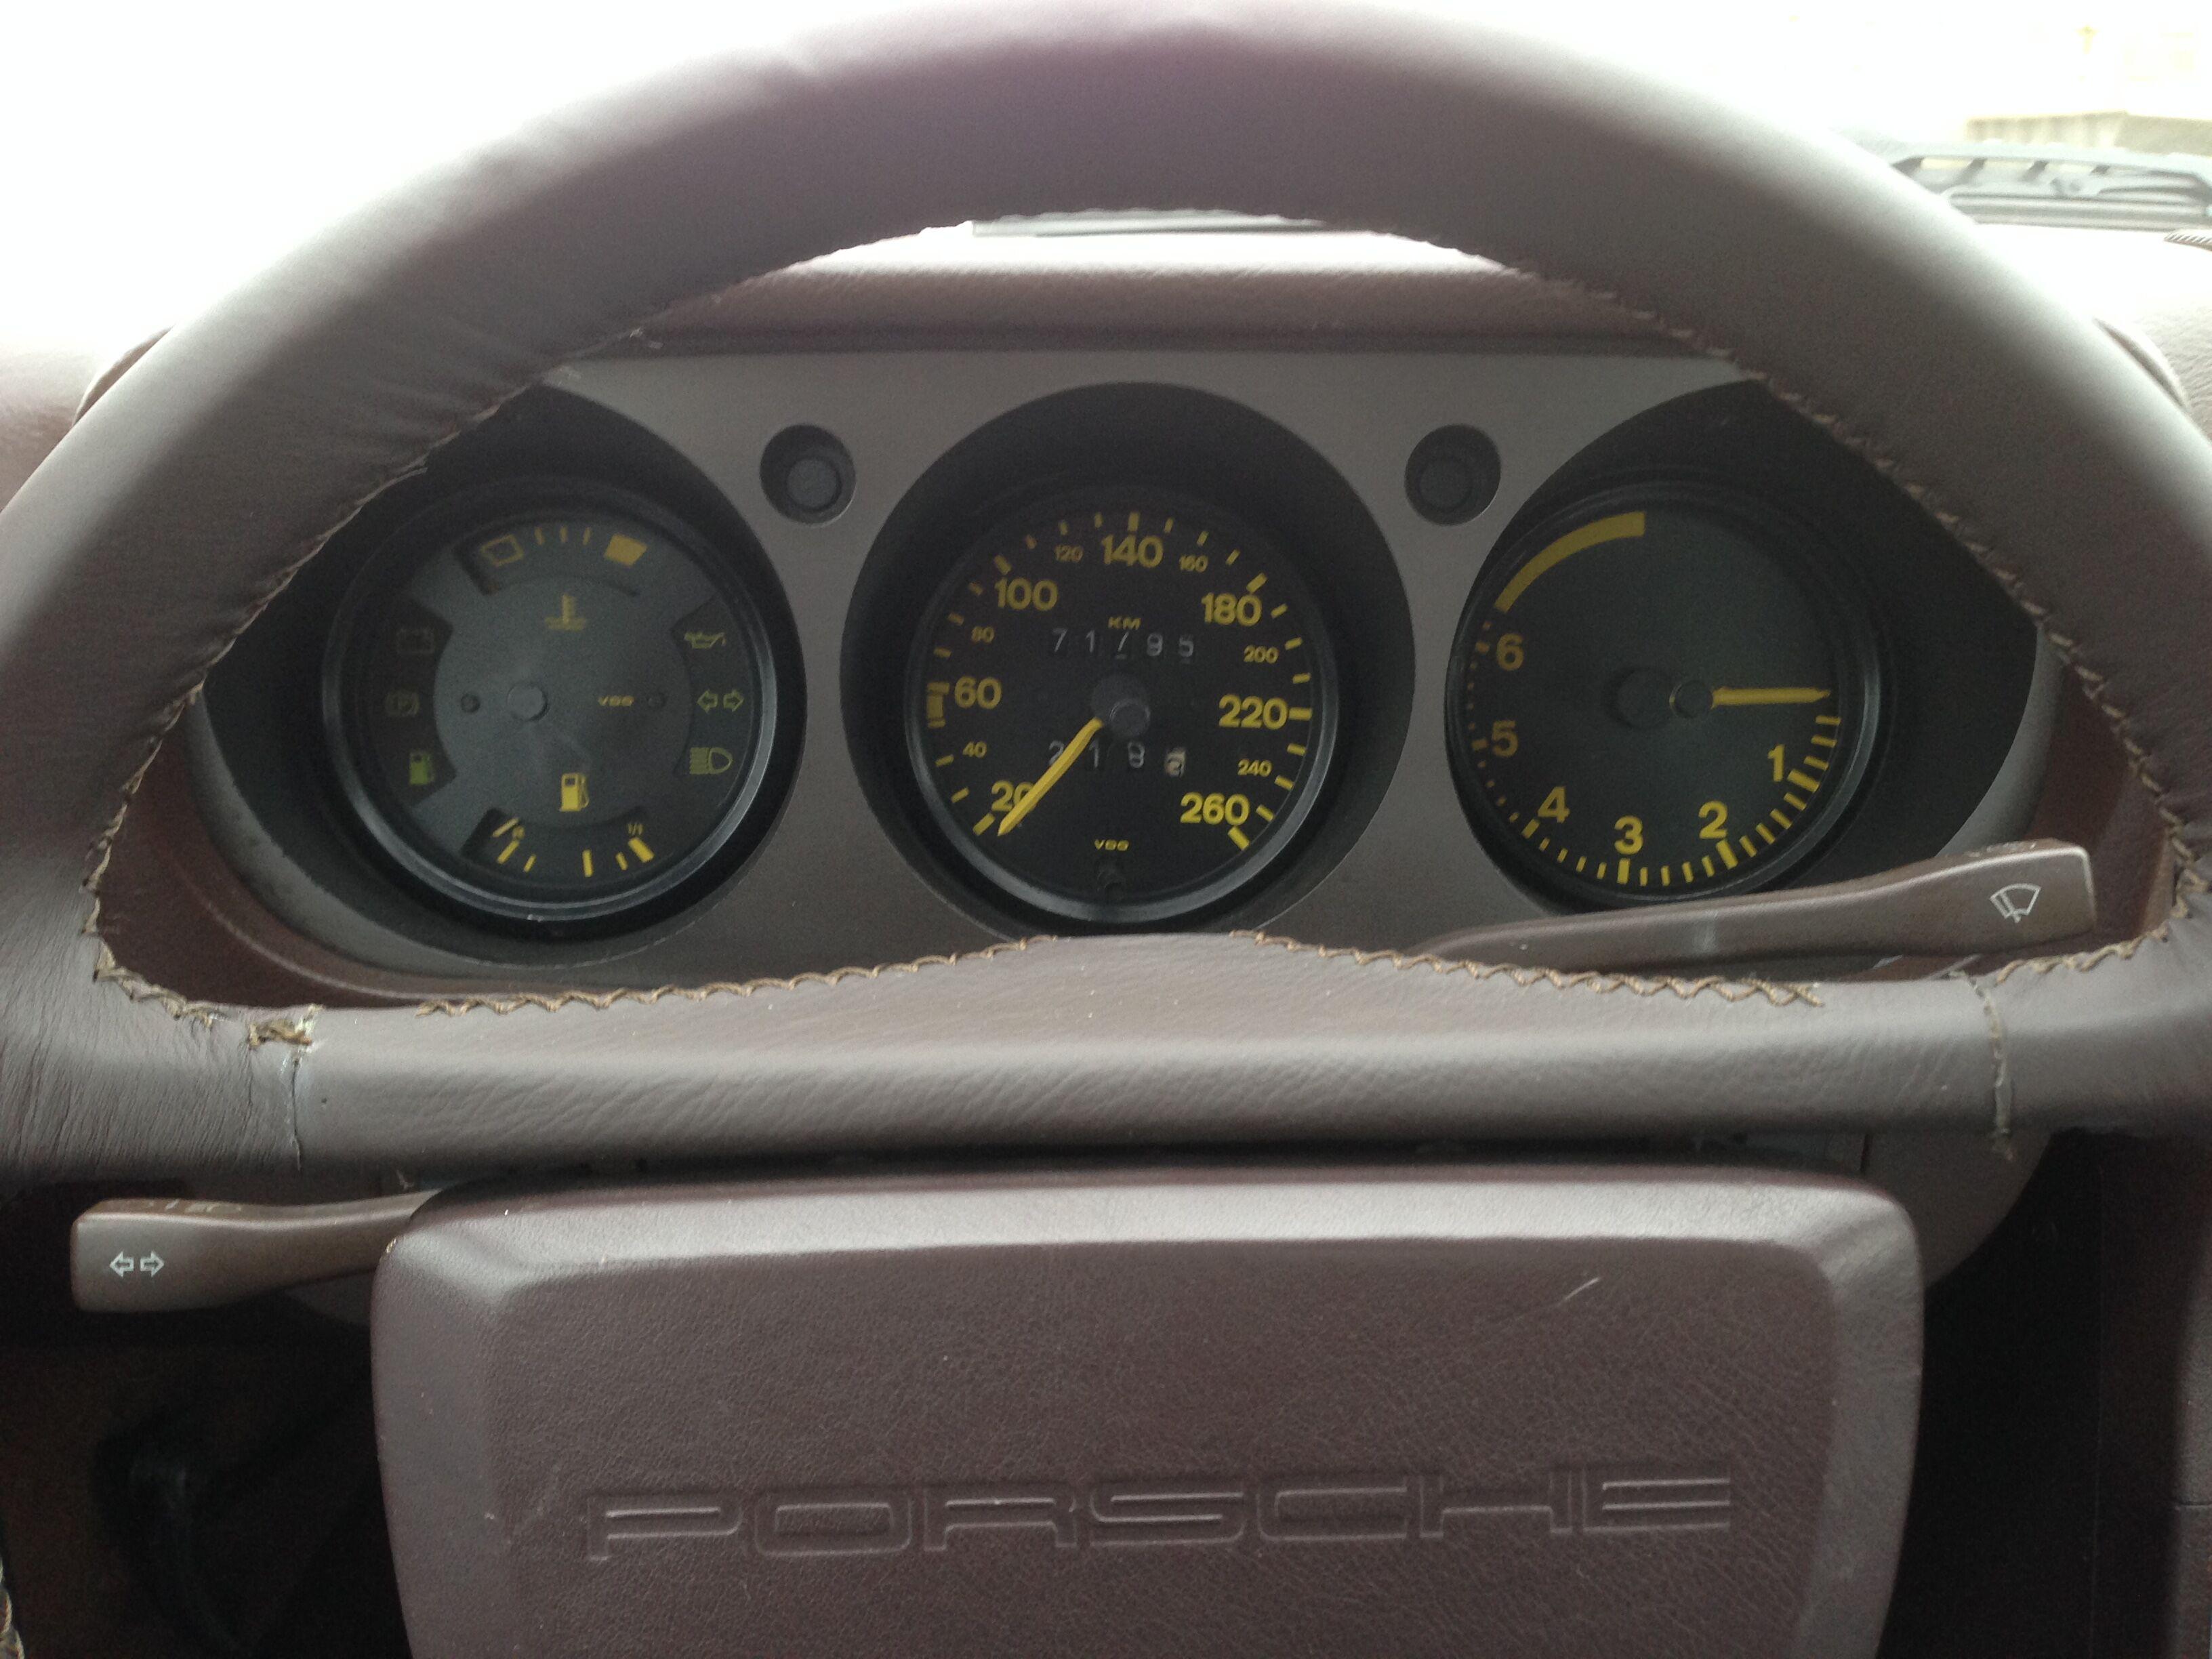 Porsche 944 (concoursstaat) 11/18